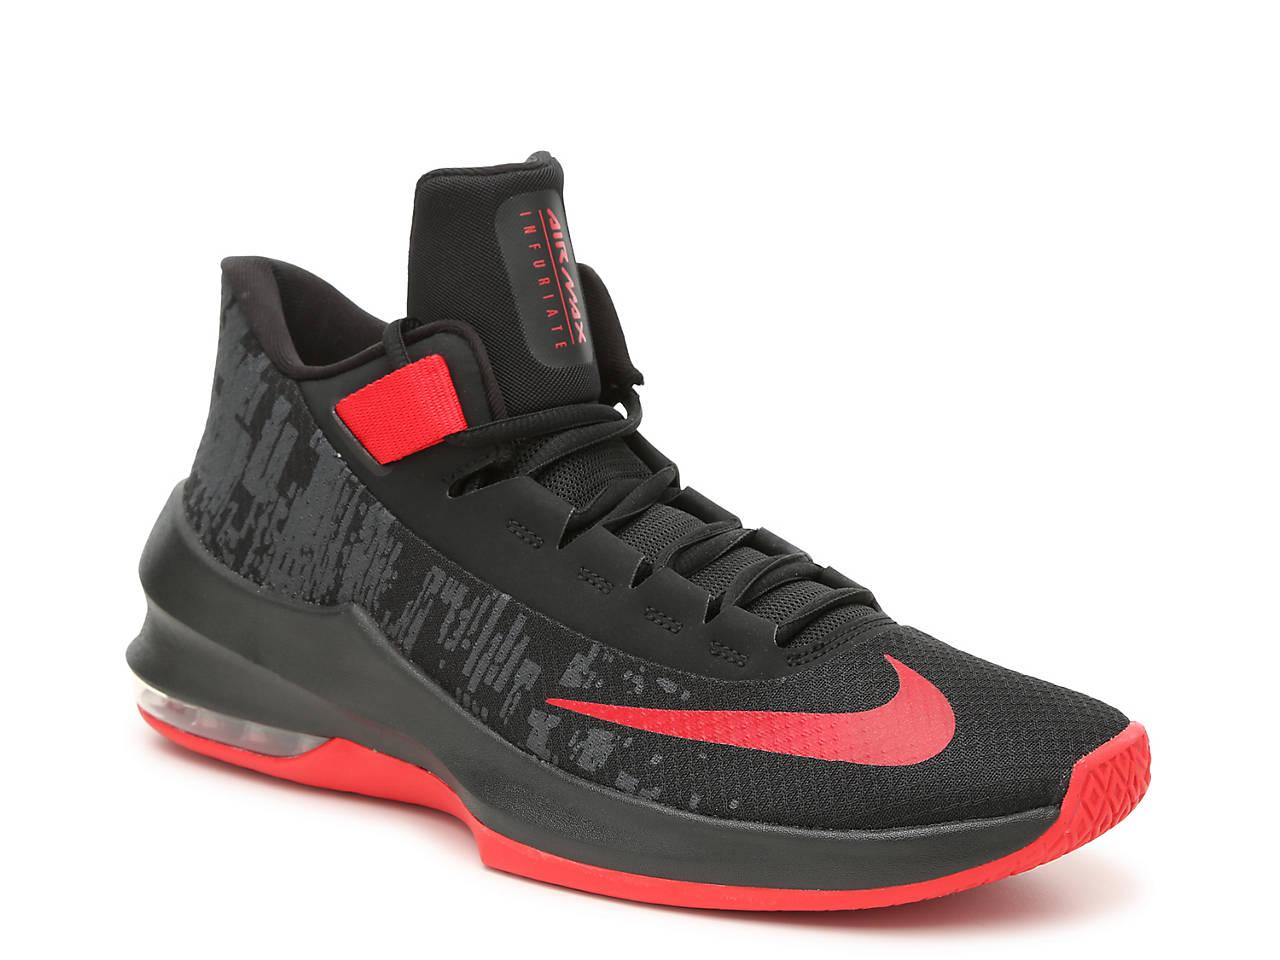 official photos 62a2a b53b2 Nike. Air Max Infuriate ...